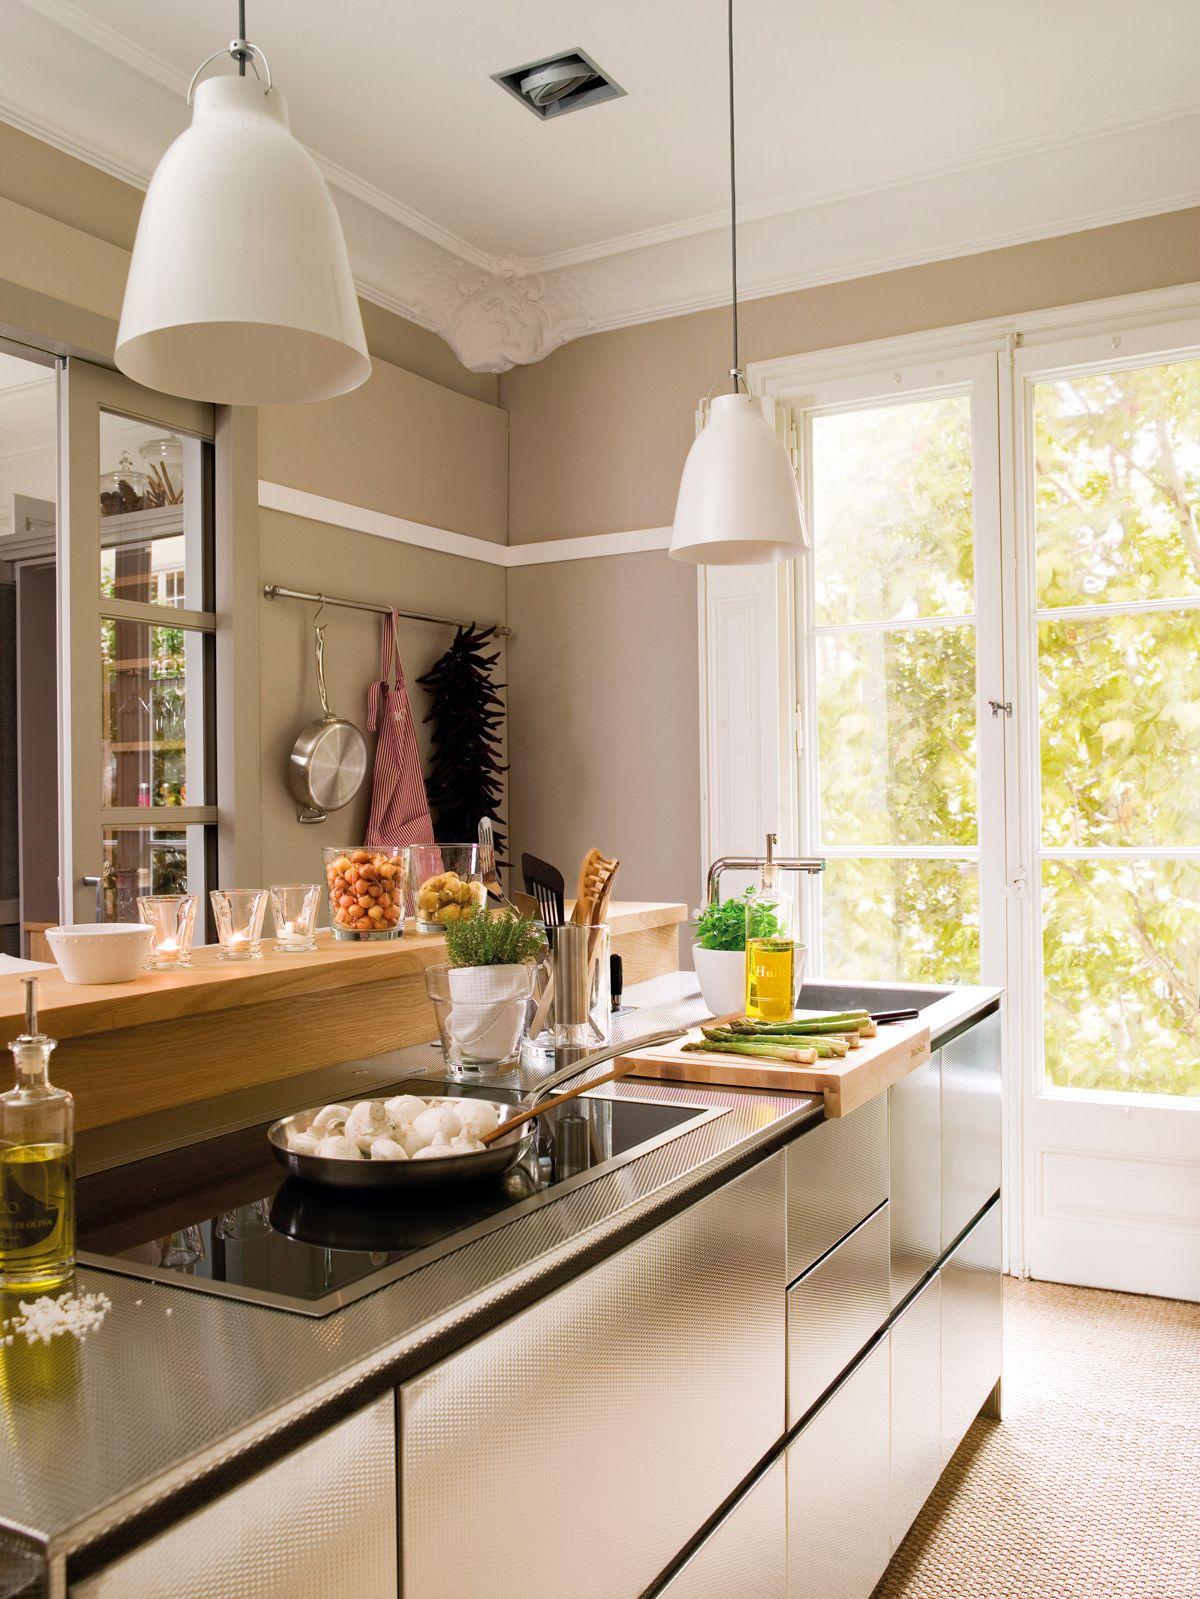 Cocina-con-isla-y-encimera-de-acero-inox 00357166 | Кухни | Pinterest